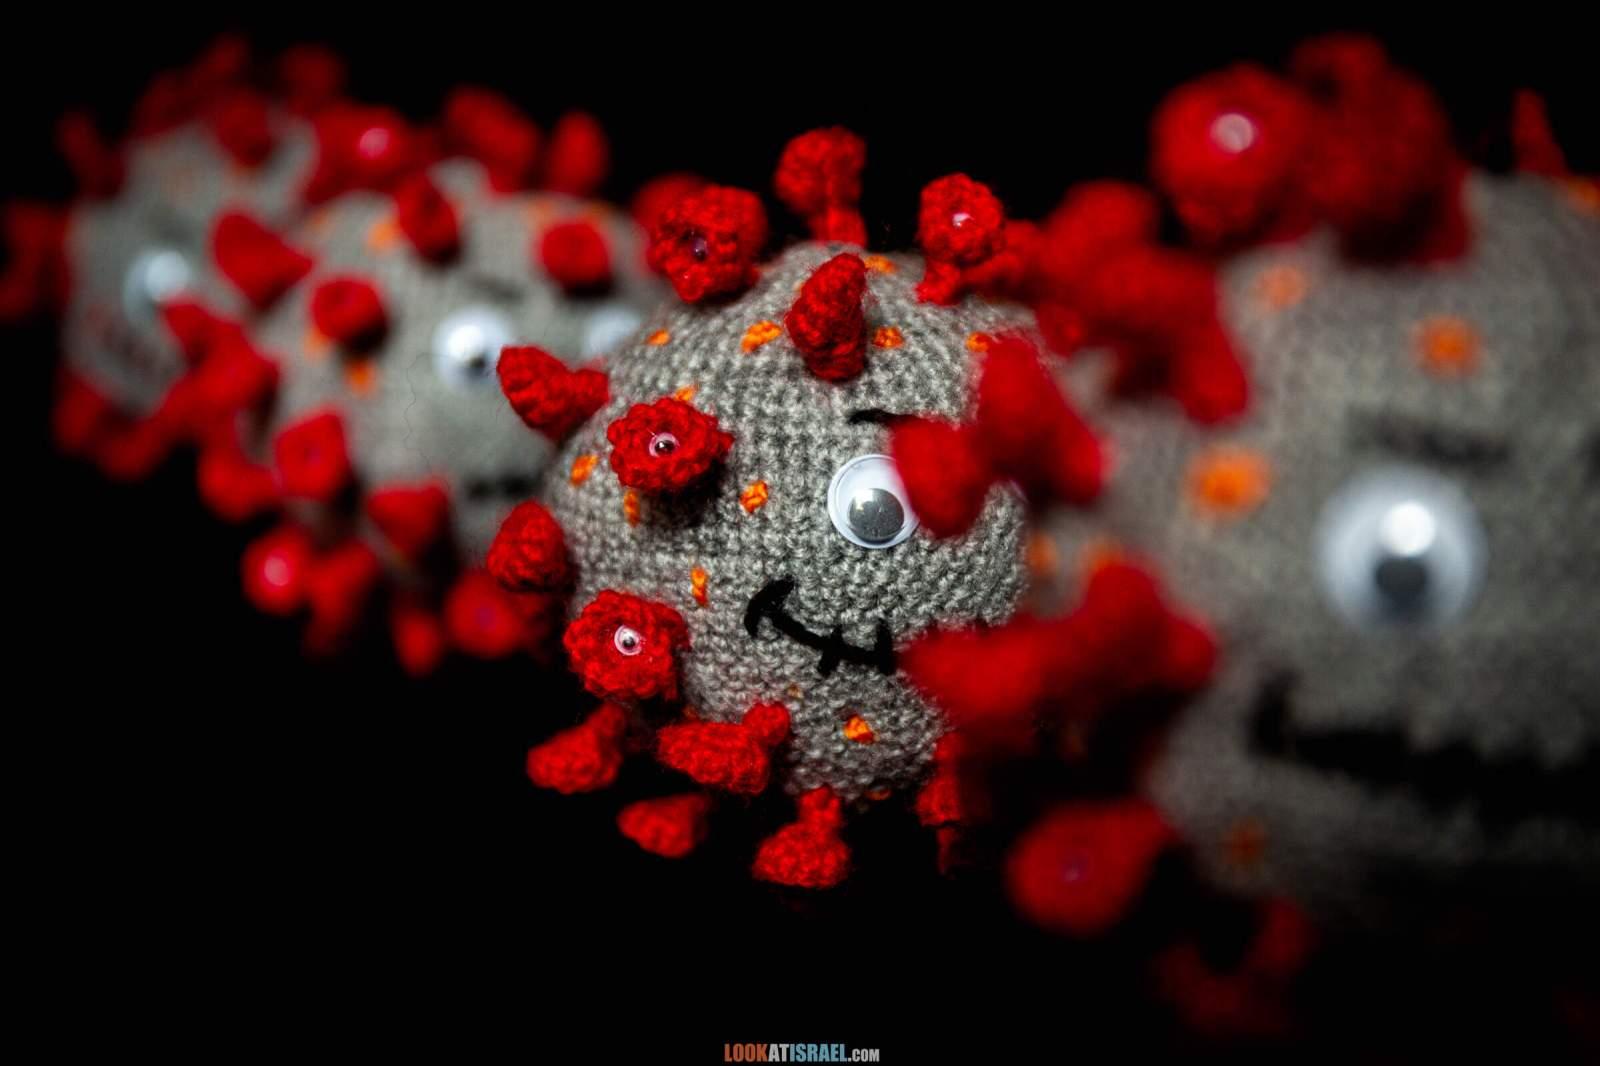 Корона вирус вязанная версия | Knited Corona virus COVID-19 |  LookAtIsrael.com - Фото путешествия по Израилю